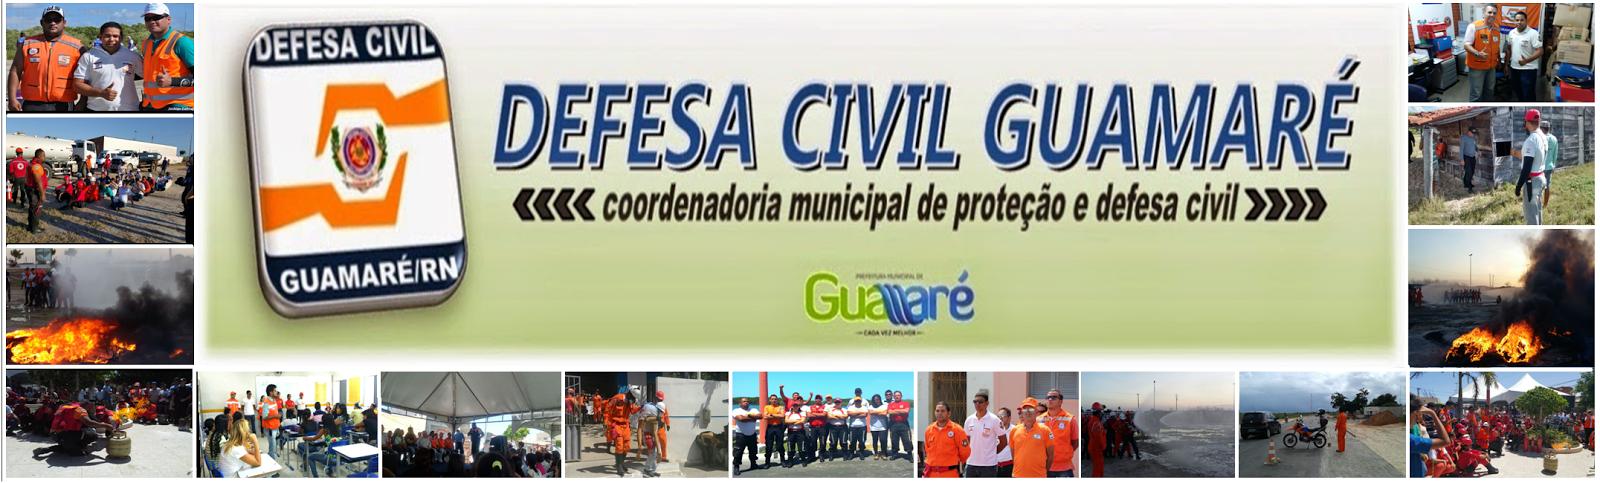 Defesa Civil Guamaré